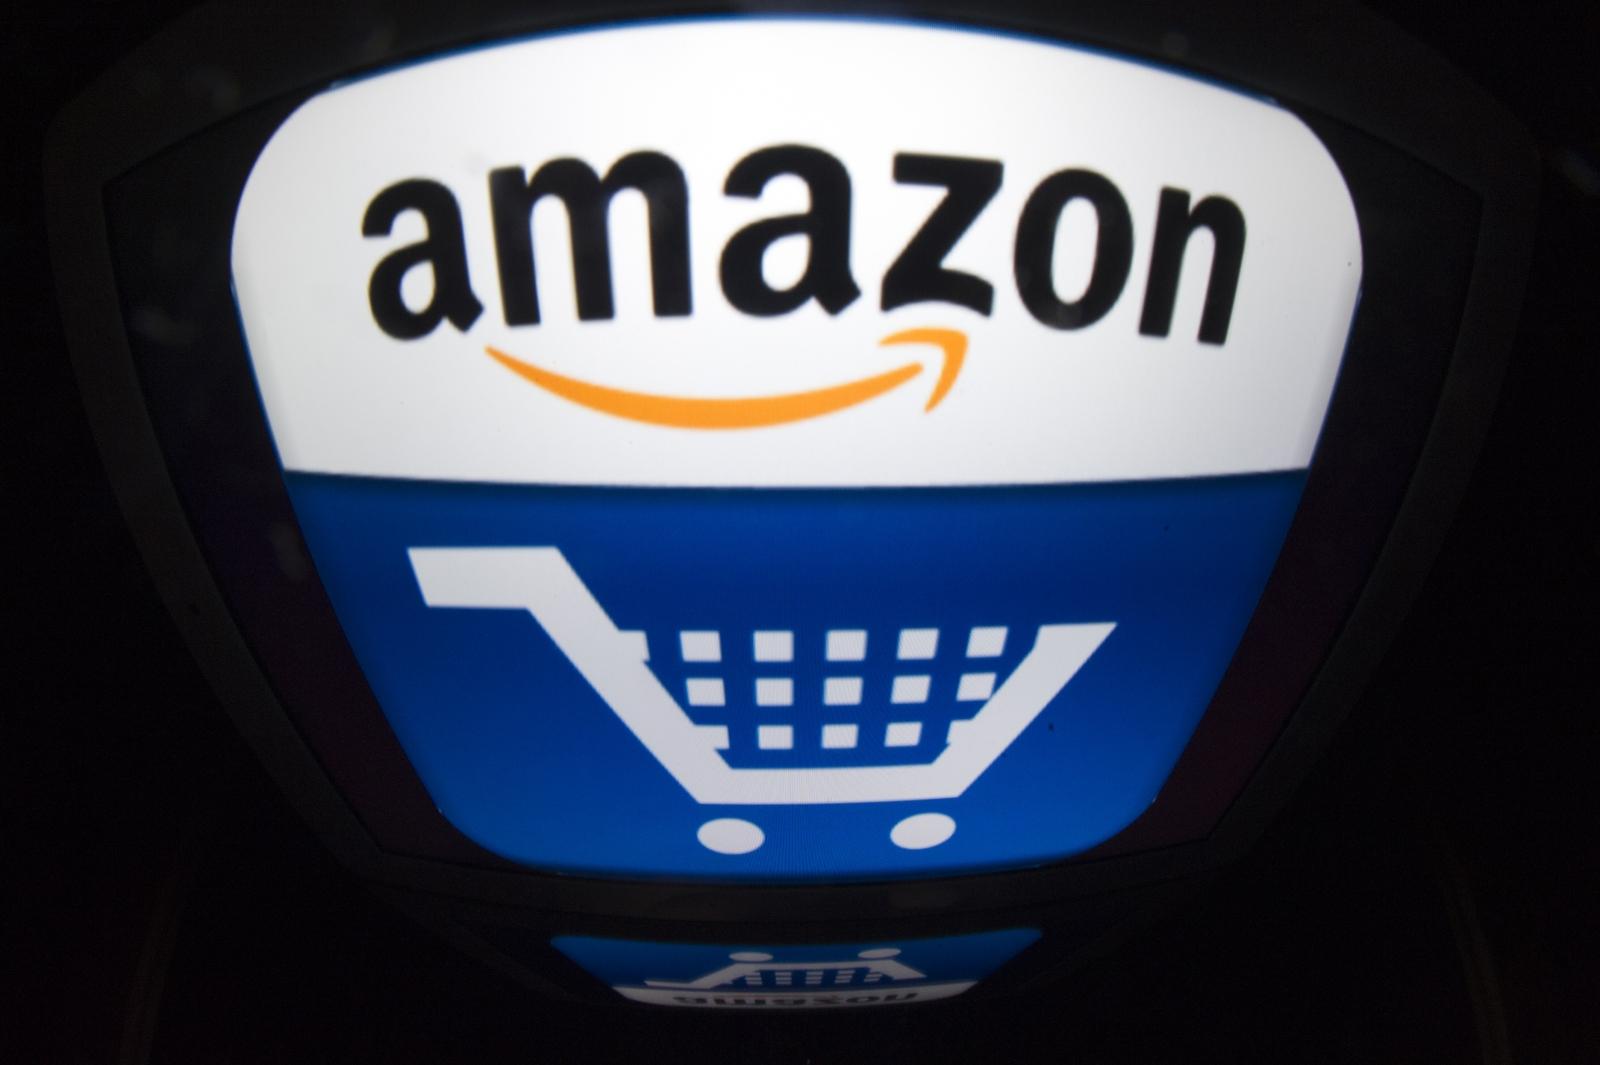 Online retail giant Amazon